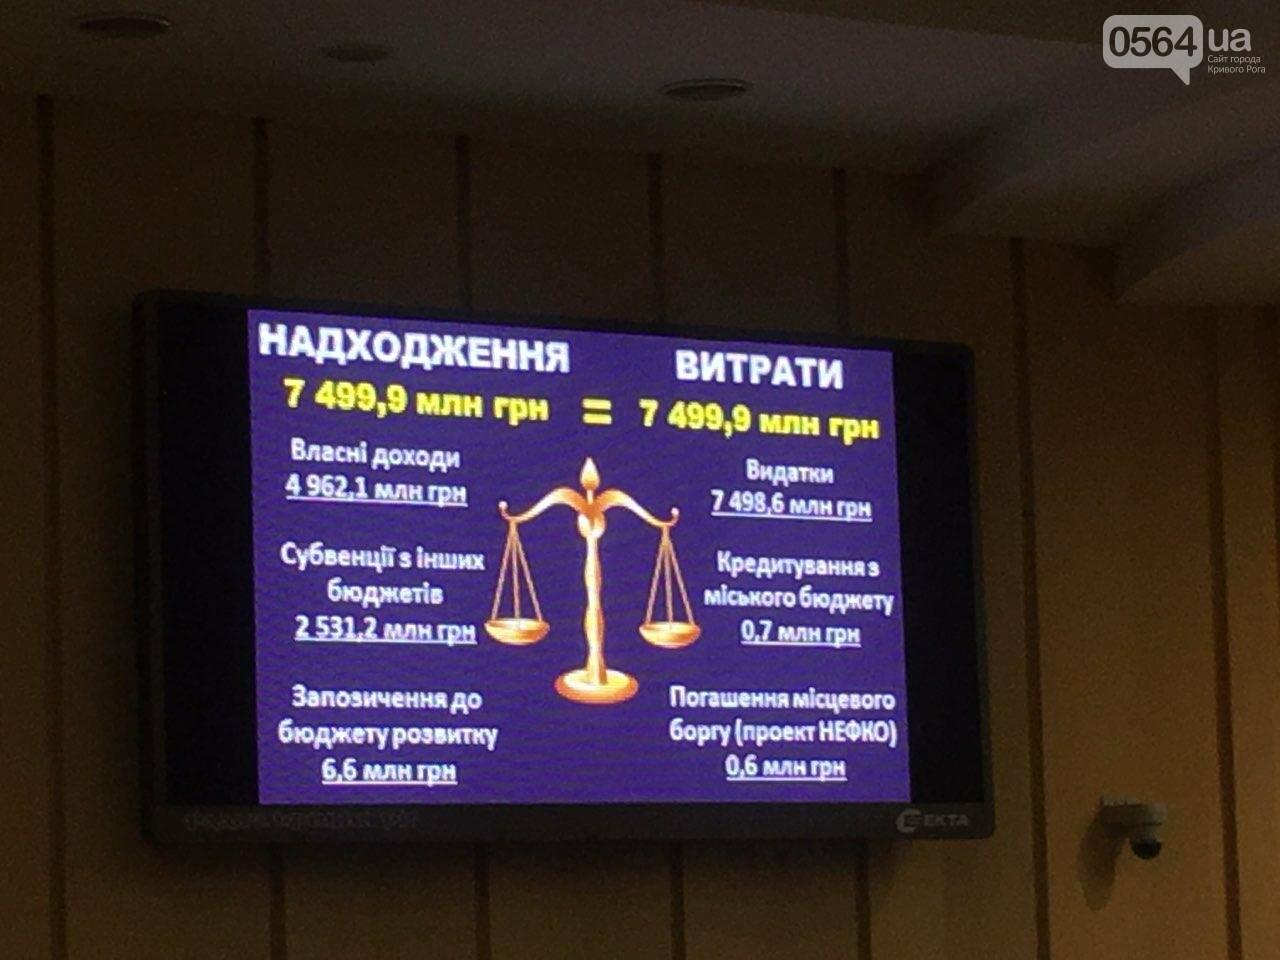 На что криворожские депутаты предлагают потратить почти 7,5 миллиардов из бюджета города, - ФОТО, фото-13